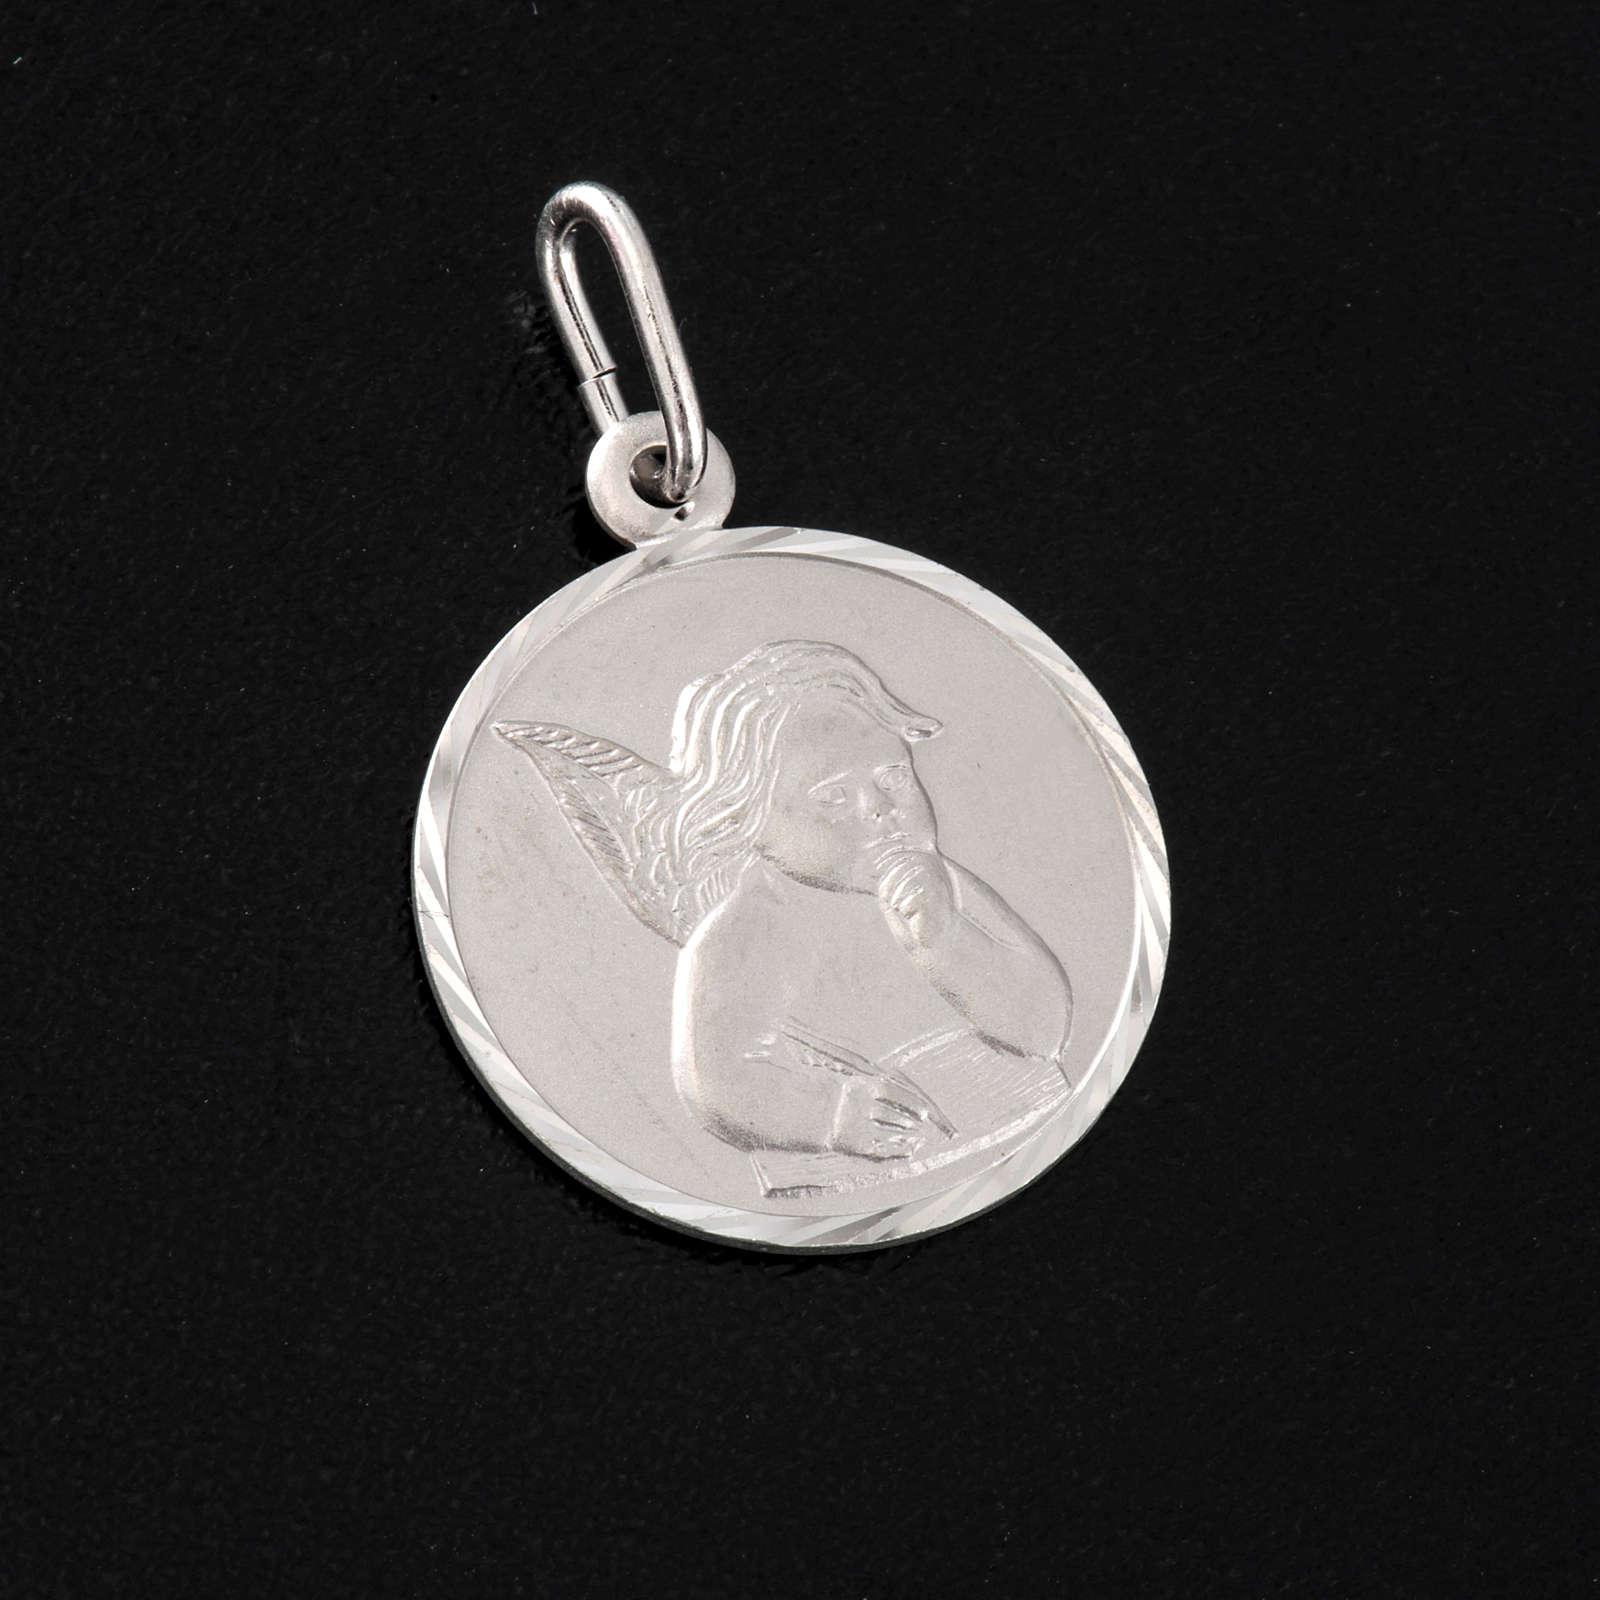 Medalla con angelito, plata 925 4